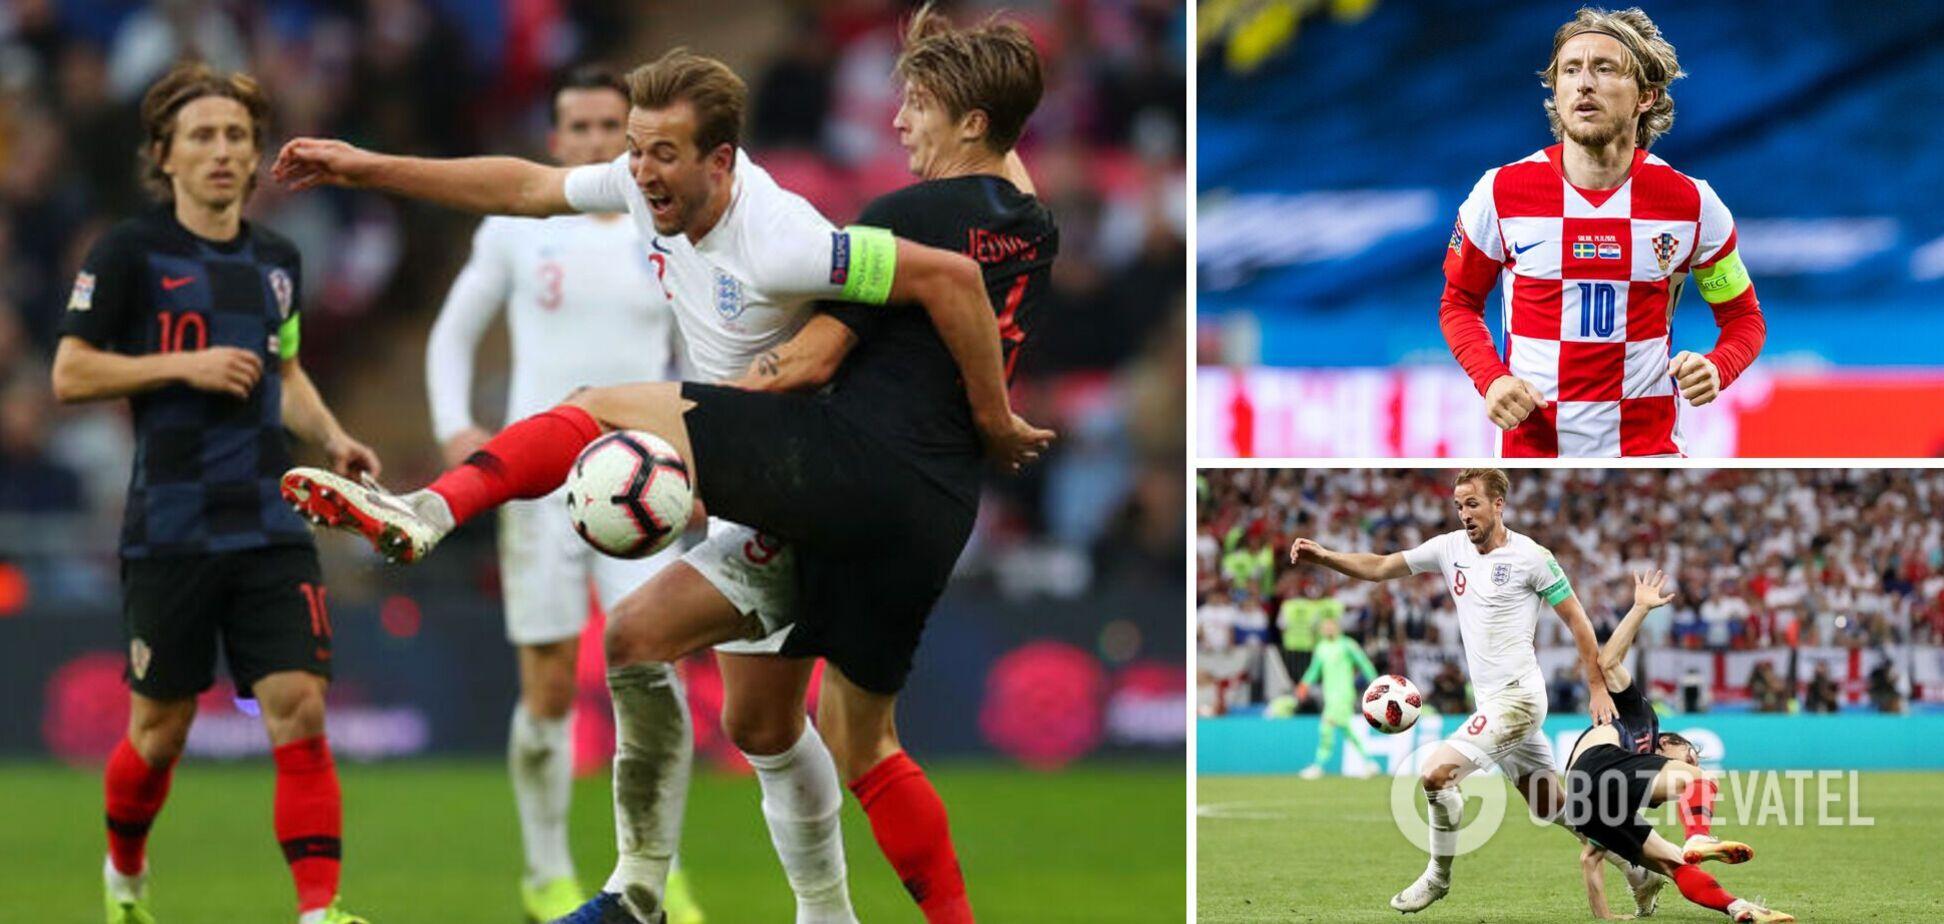 Матч Англія - Хорватія пройде на 'Уемблі'